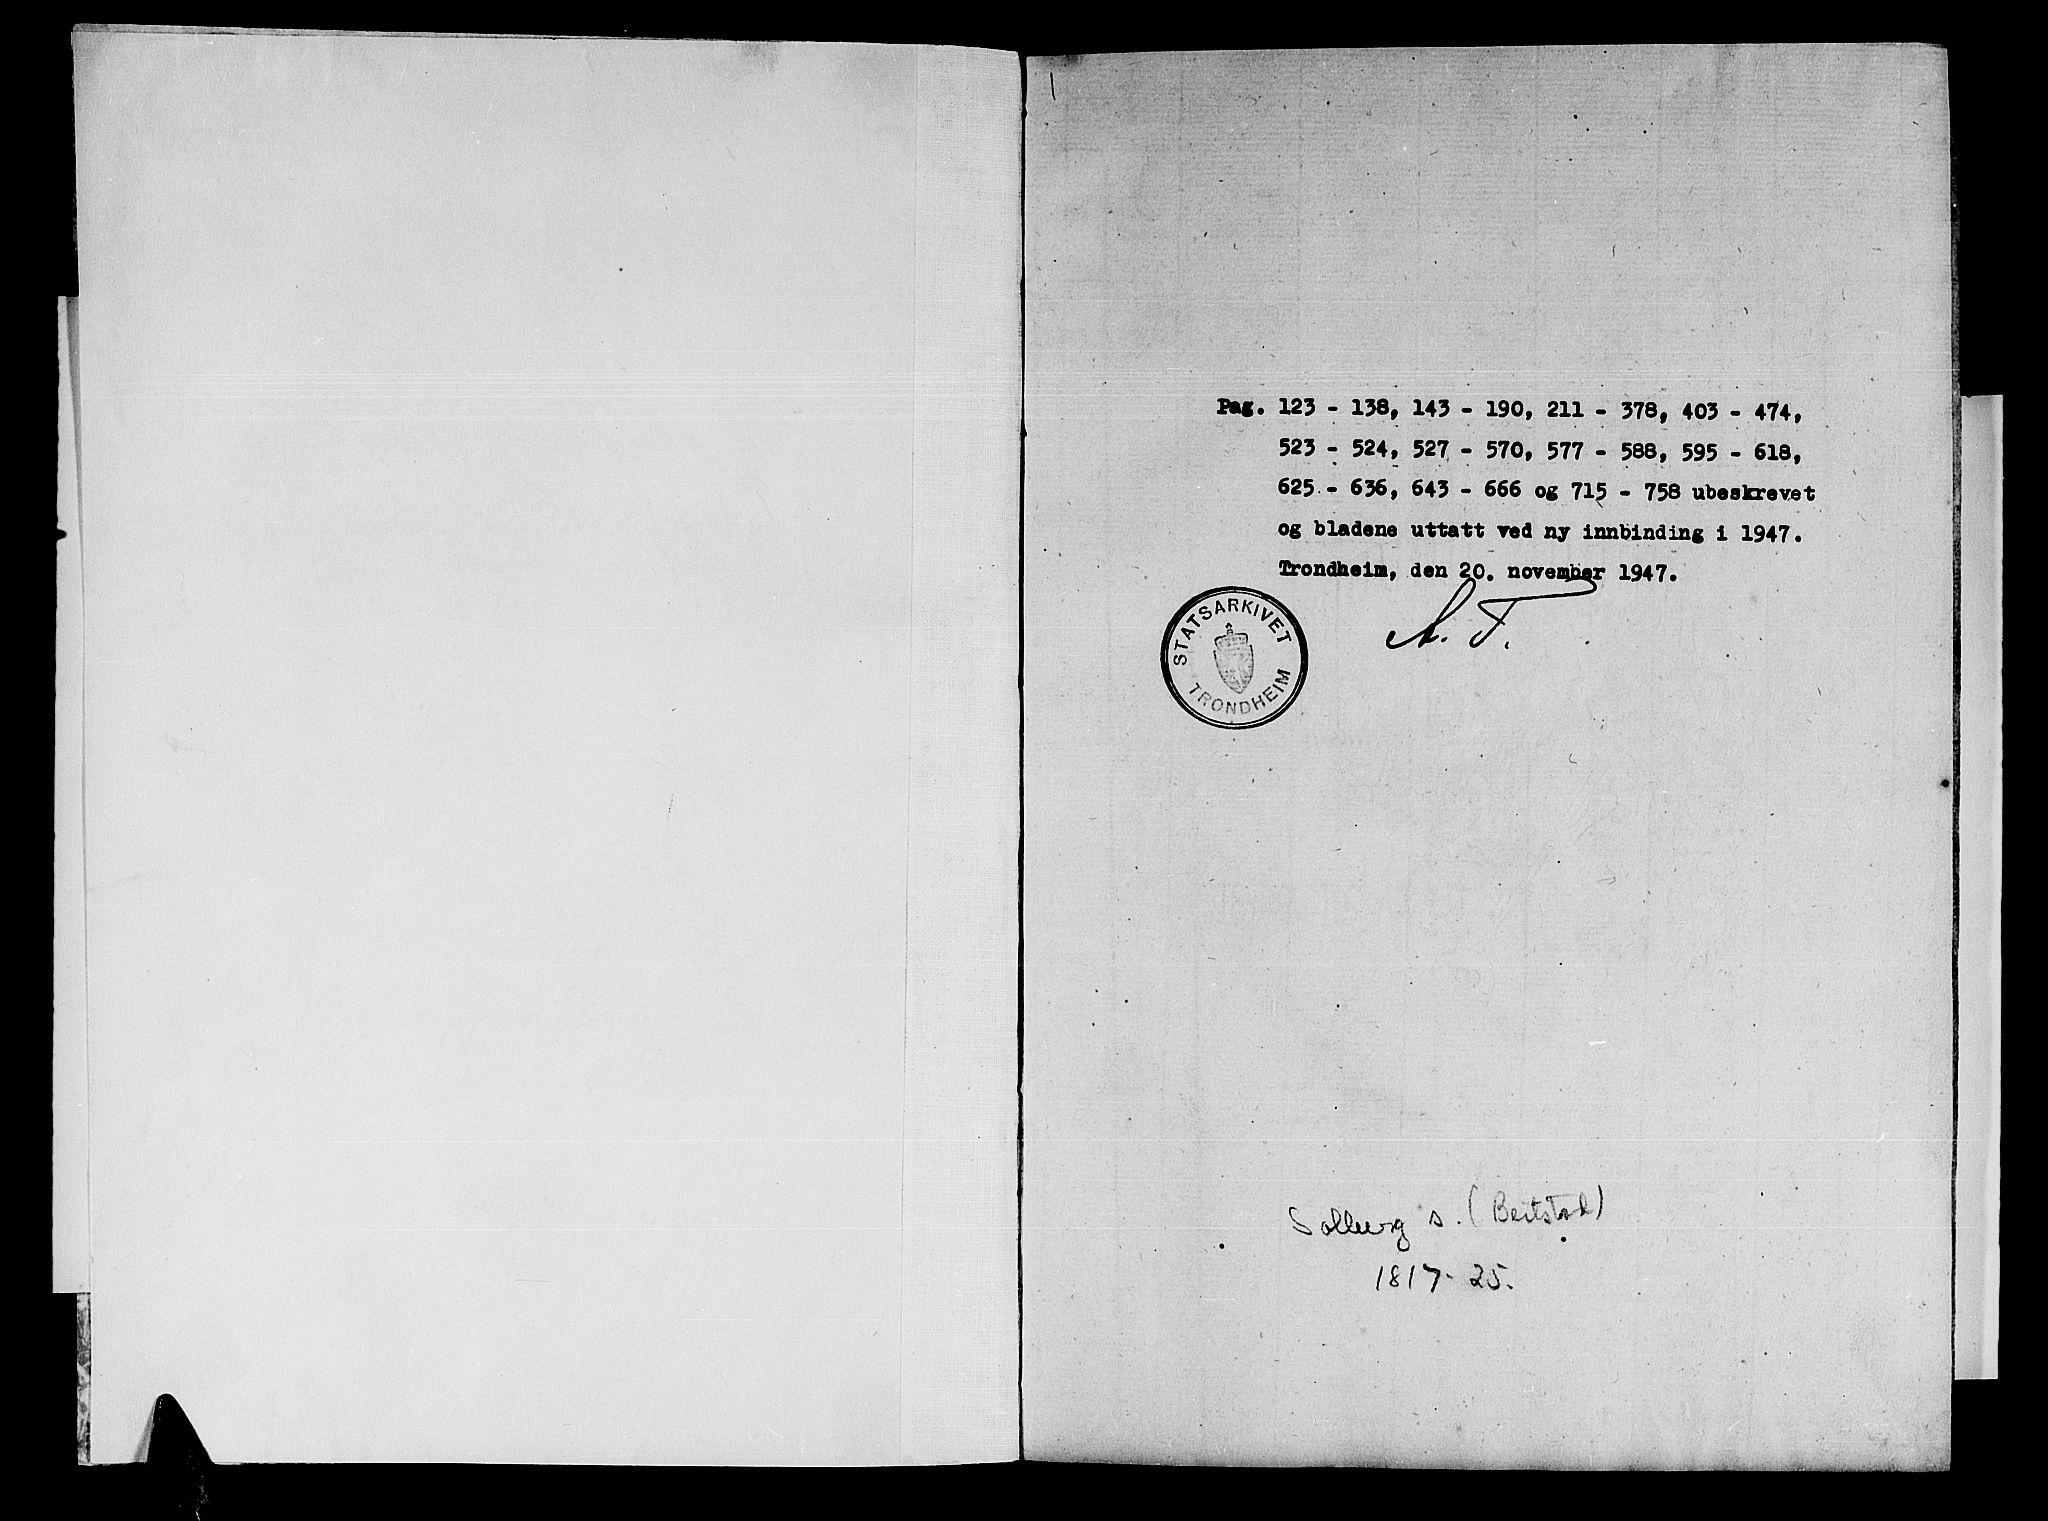 SAT, Ministerialprotokoller, klokkerbøker og fødselsregistre - Nord-Trøndelag, 741/L0400: Klokkerbok nr. 741C01, 1817-1825